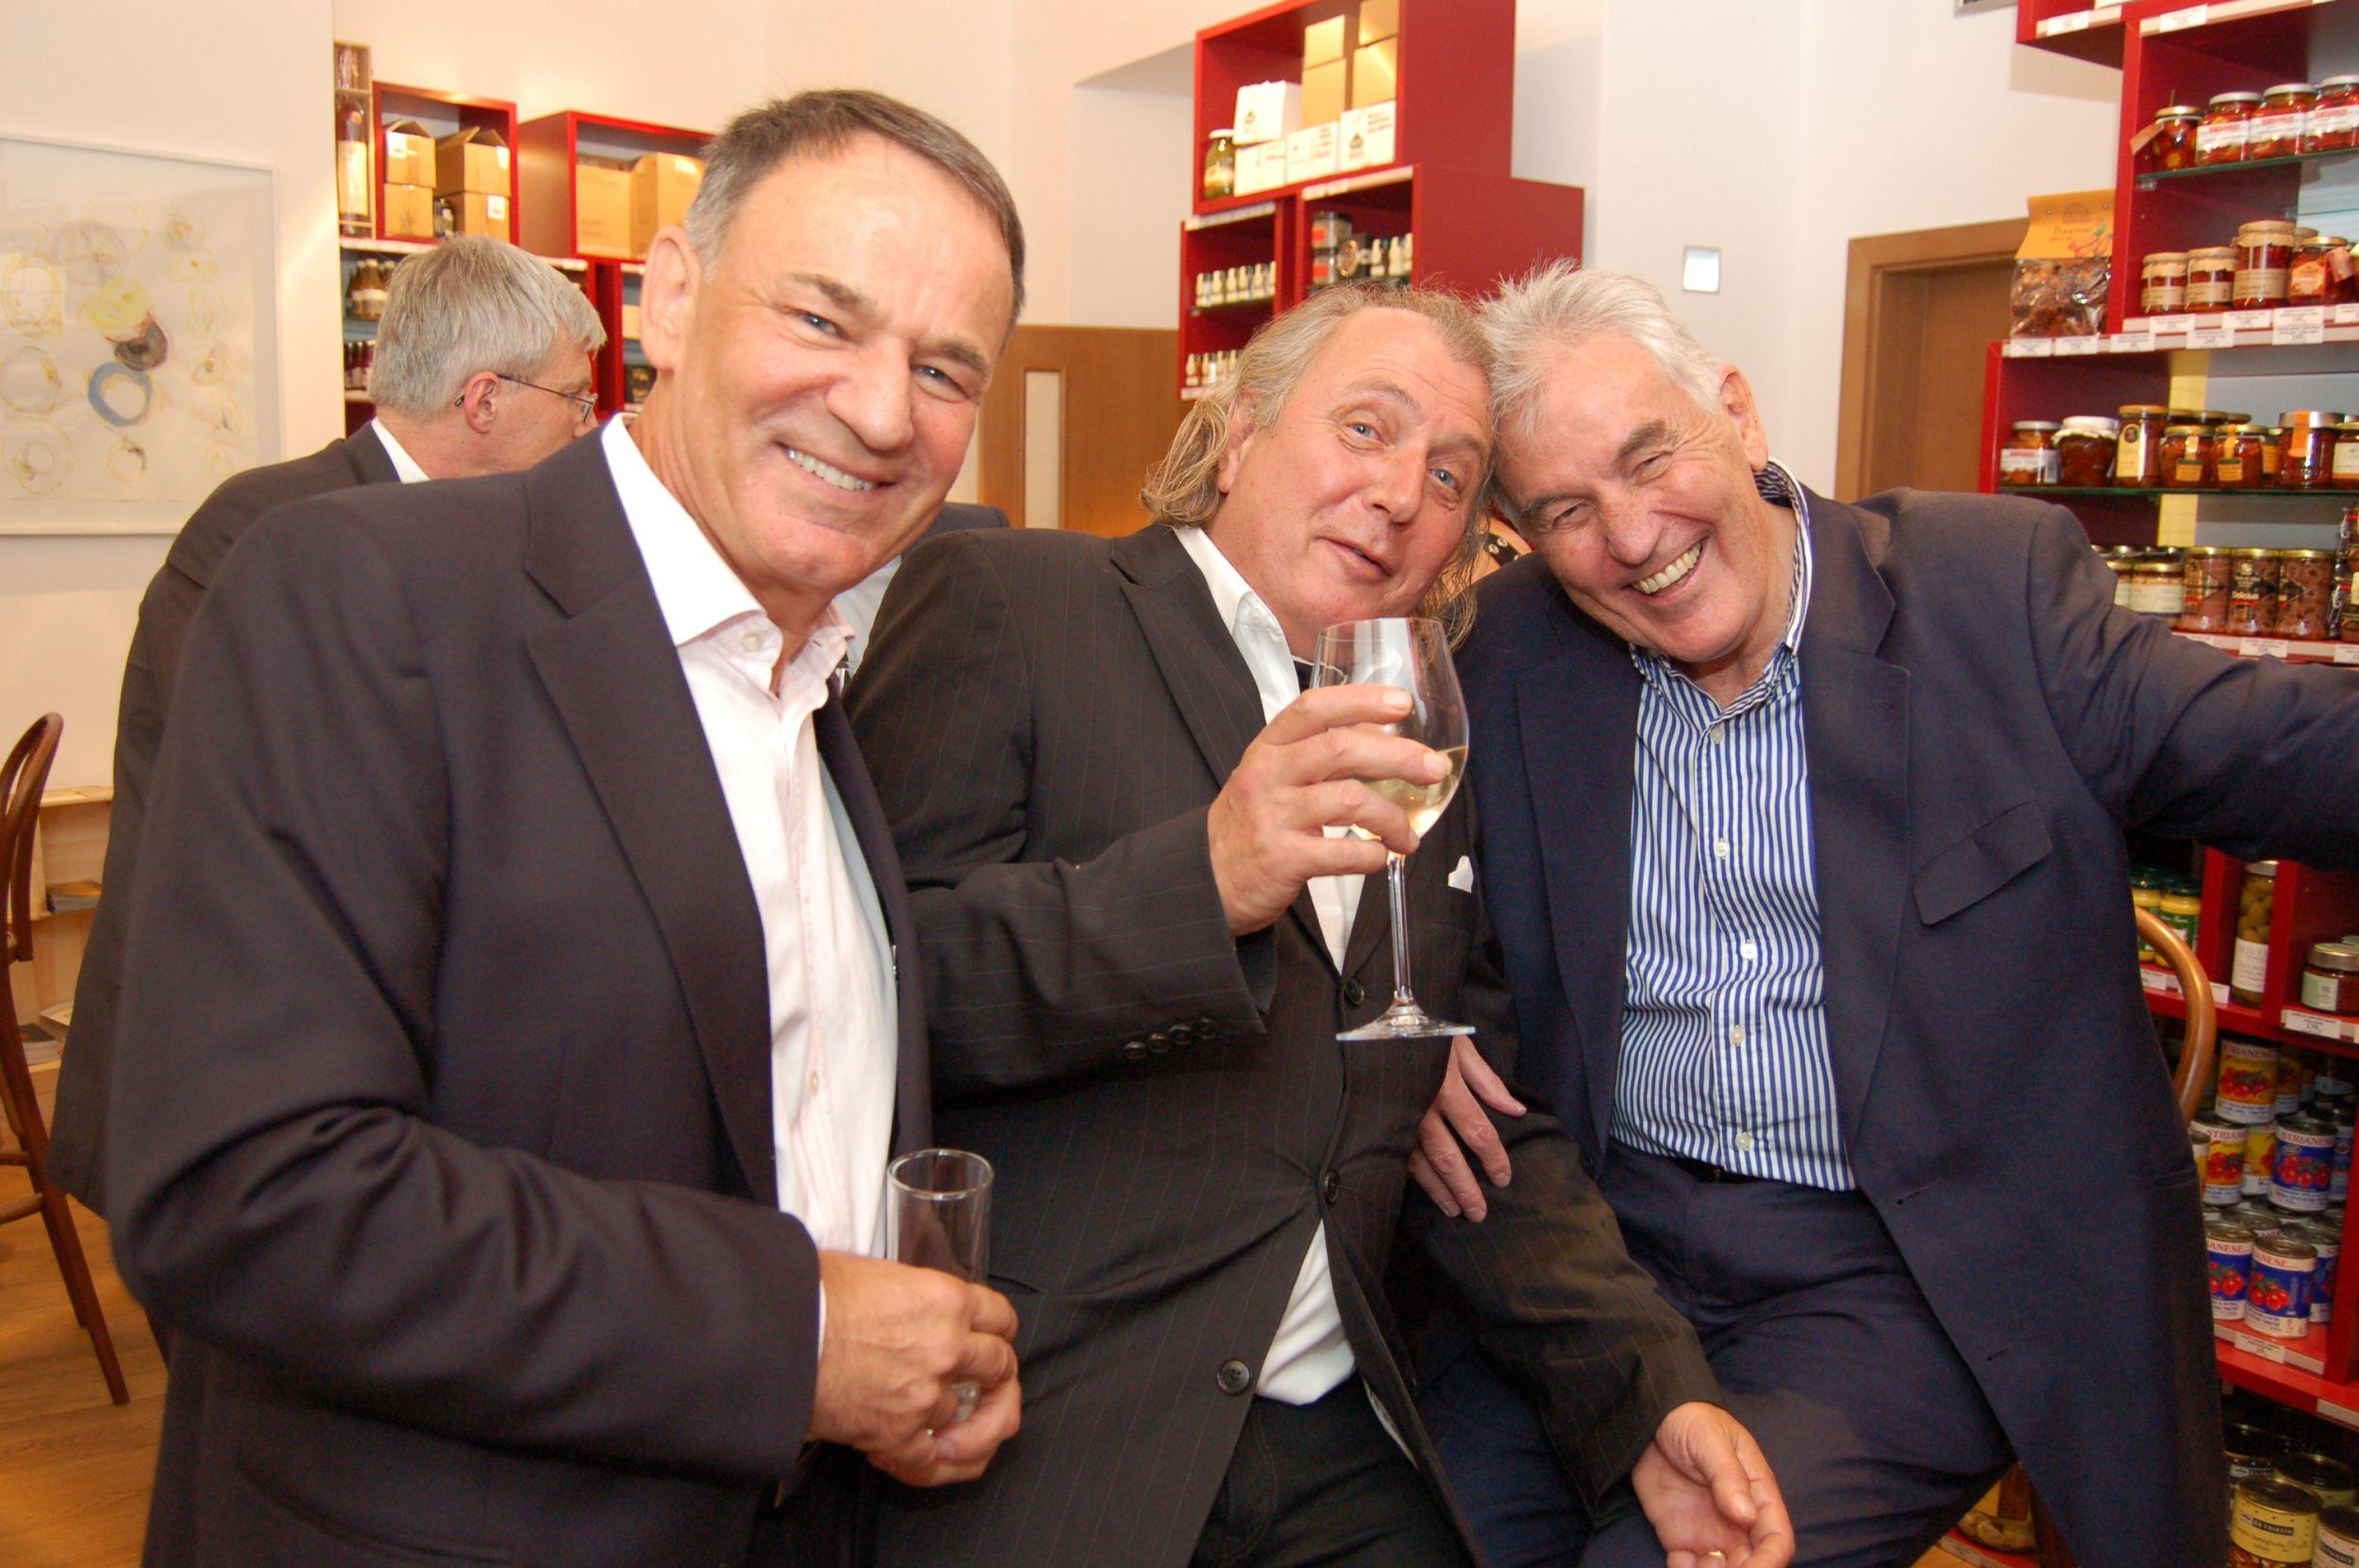 Авторы проекта Франк Ганецак и Иван Хадима с художником Кристианом Кодетем